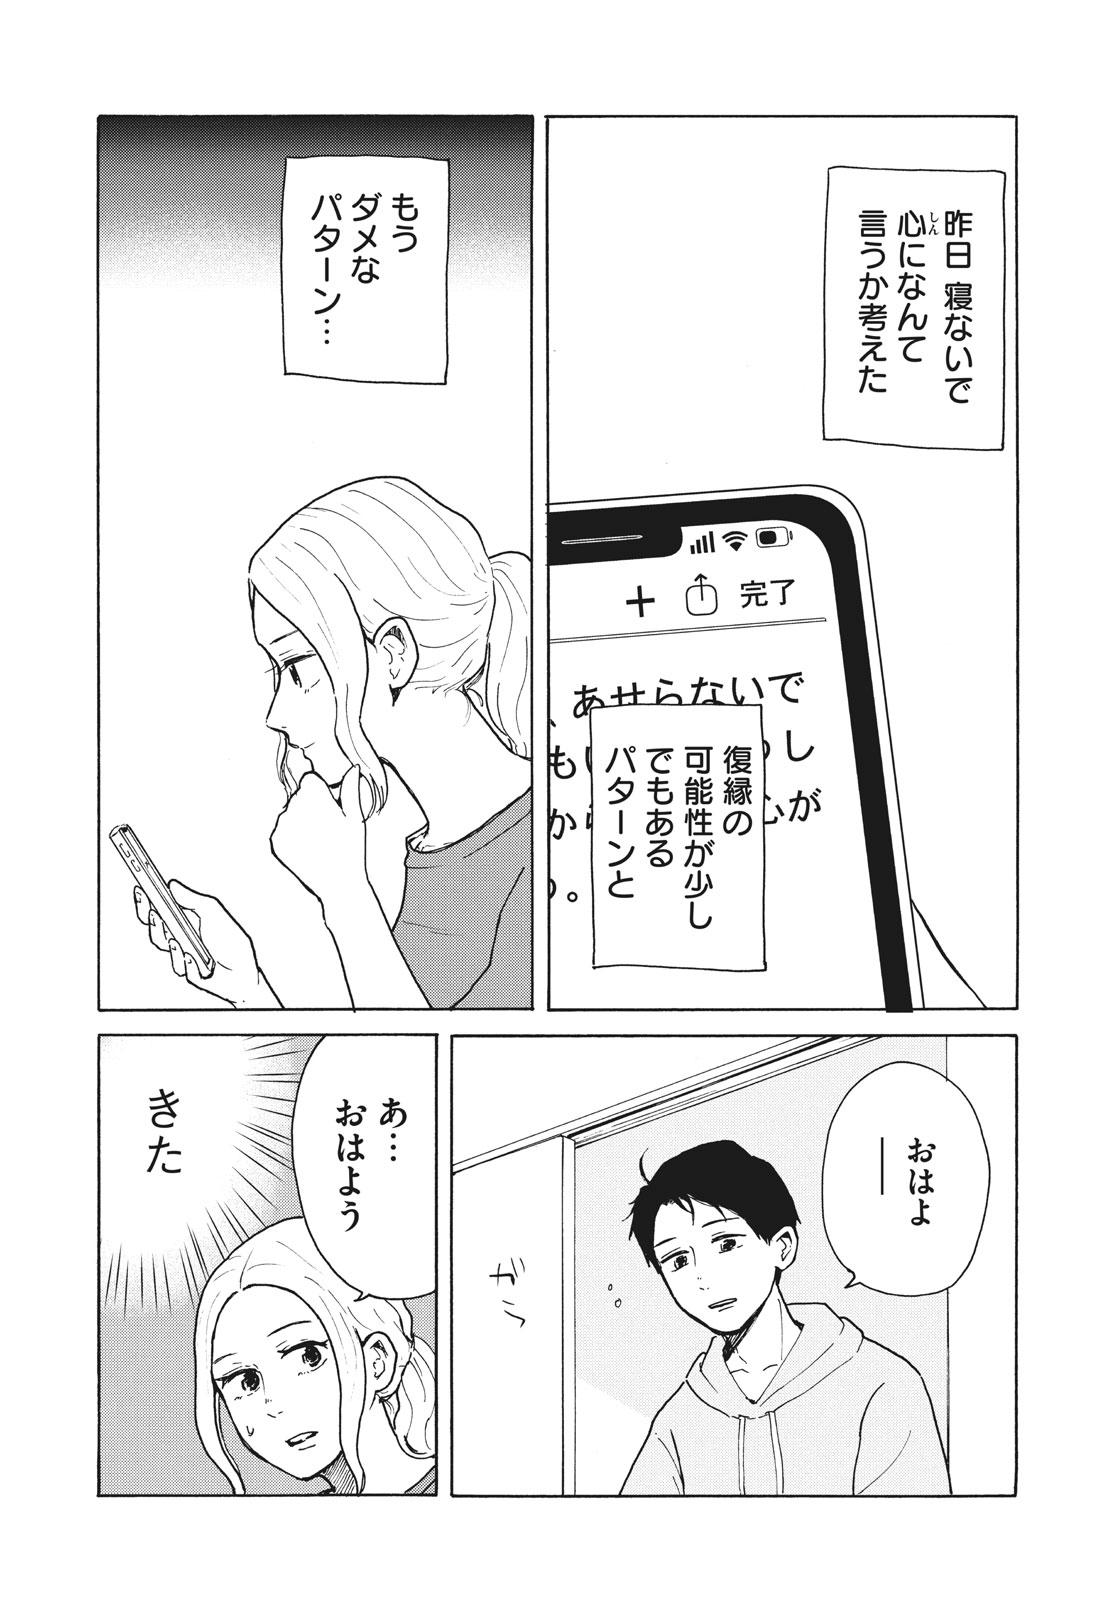 003_30譌・_2020_009_E.jpg